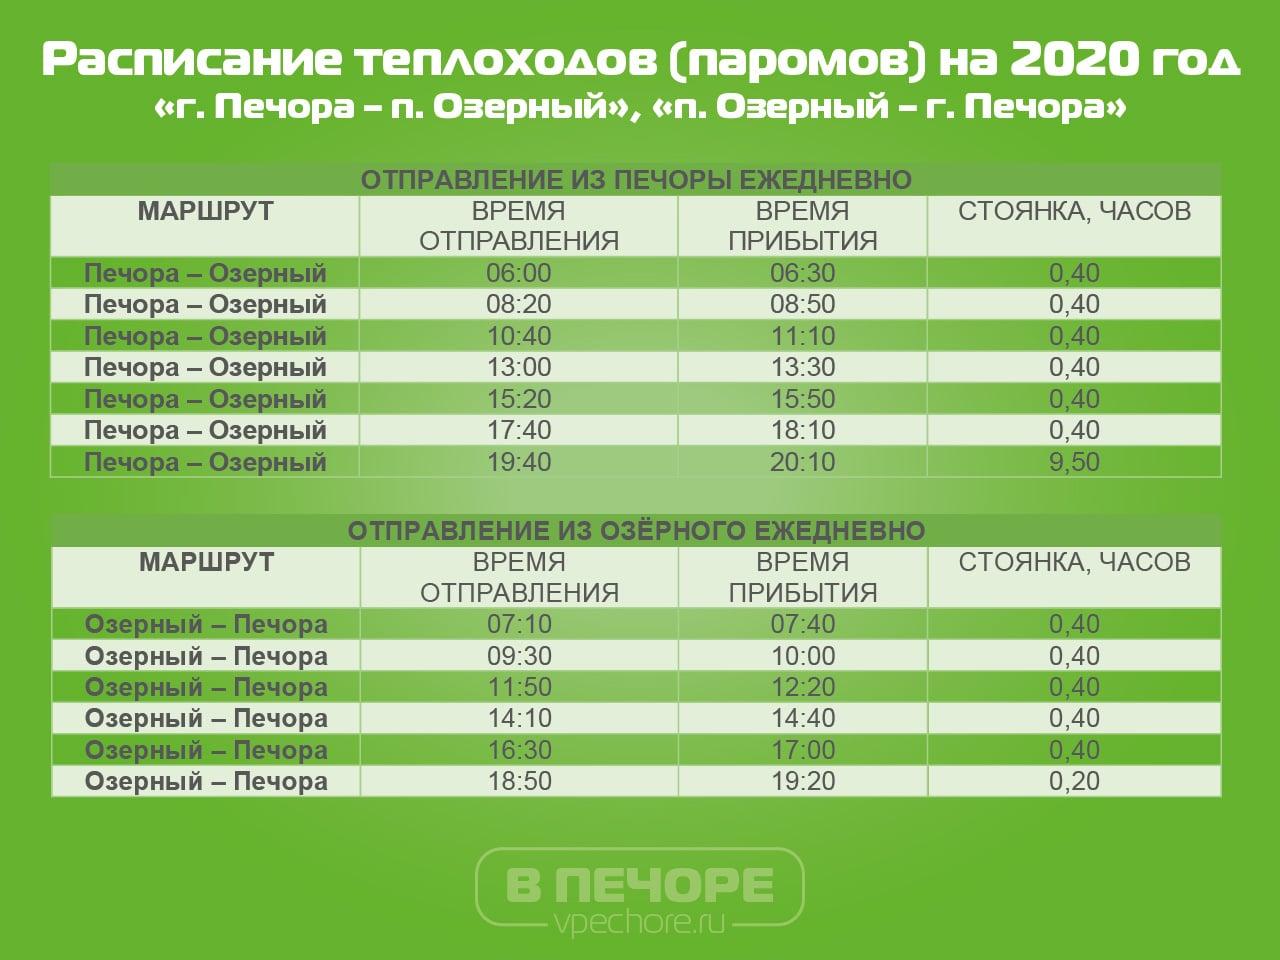 Расписание паромов (теплоходов) Печора-Озёрный 2020